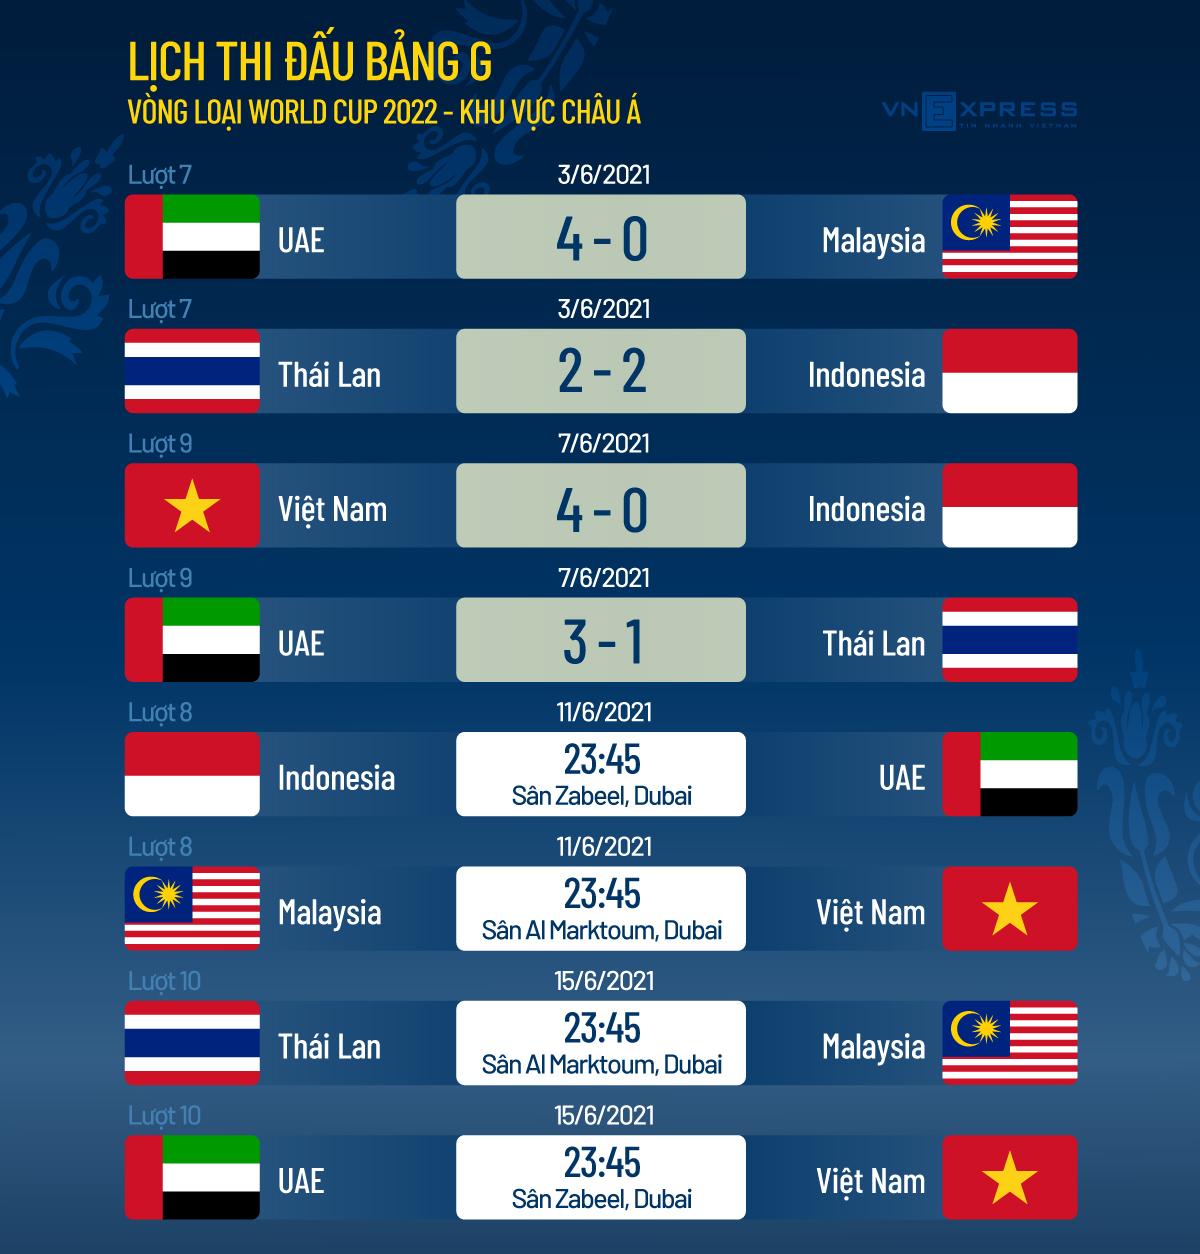 Hậu vệ từng đá Champions League xem Việt Nam là thử thách - 2